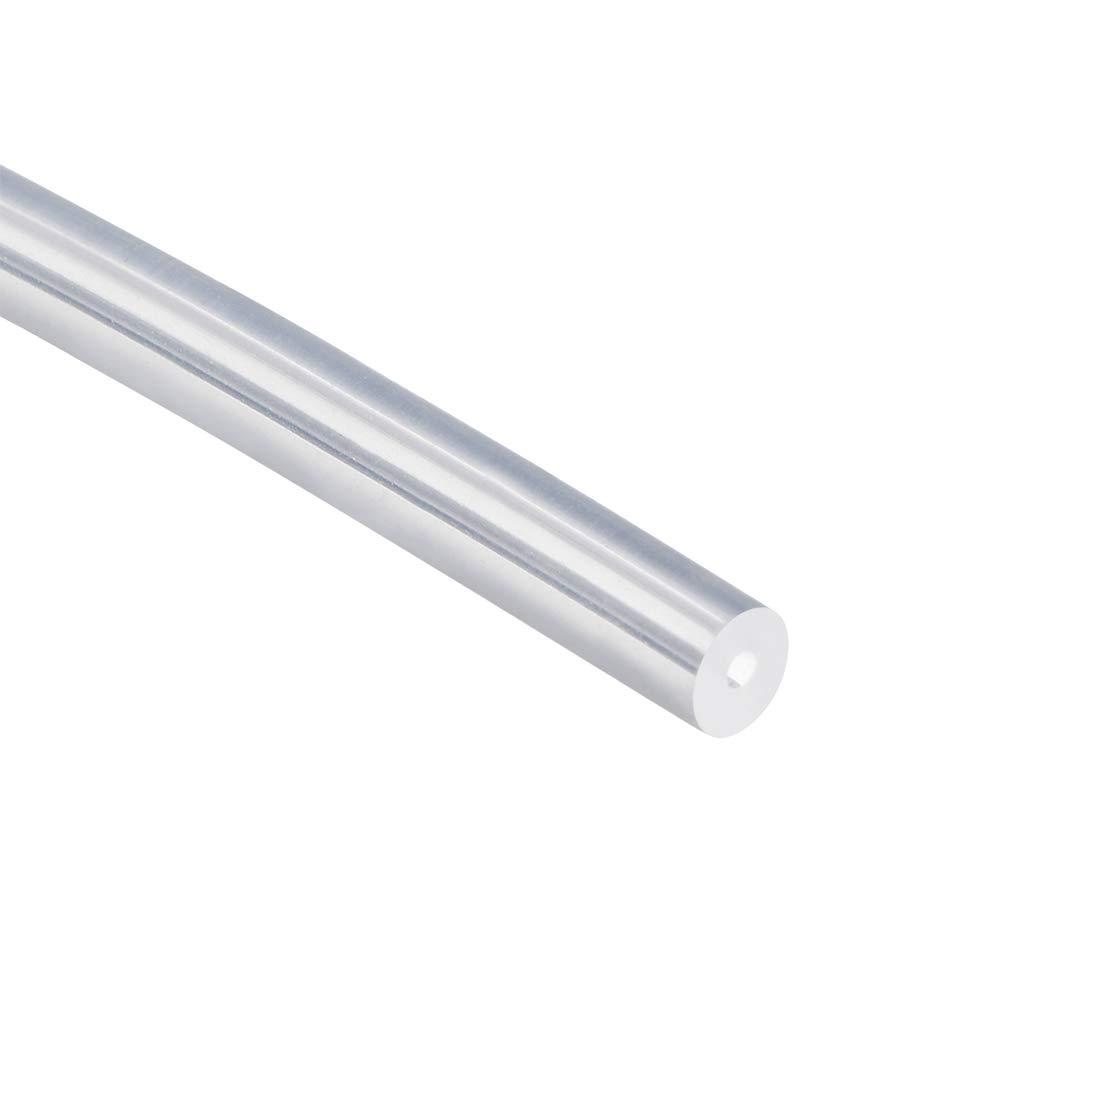 Sourcing map Tuyau flexible en silicone pour transfert de pompe Transparent 1 mm ID x 4 mm OD 3,28 m 1 m